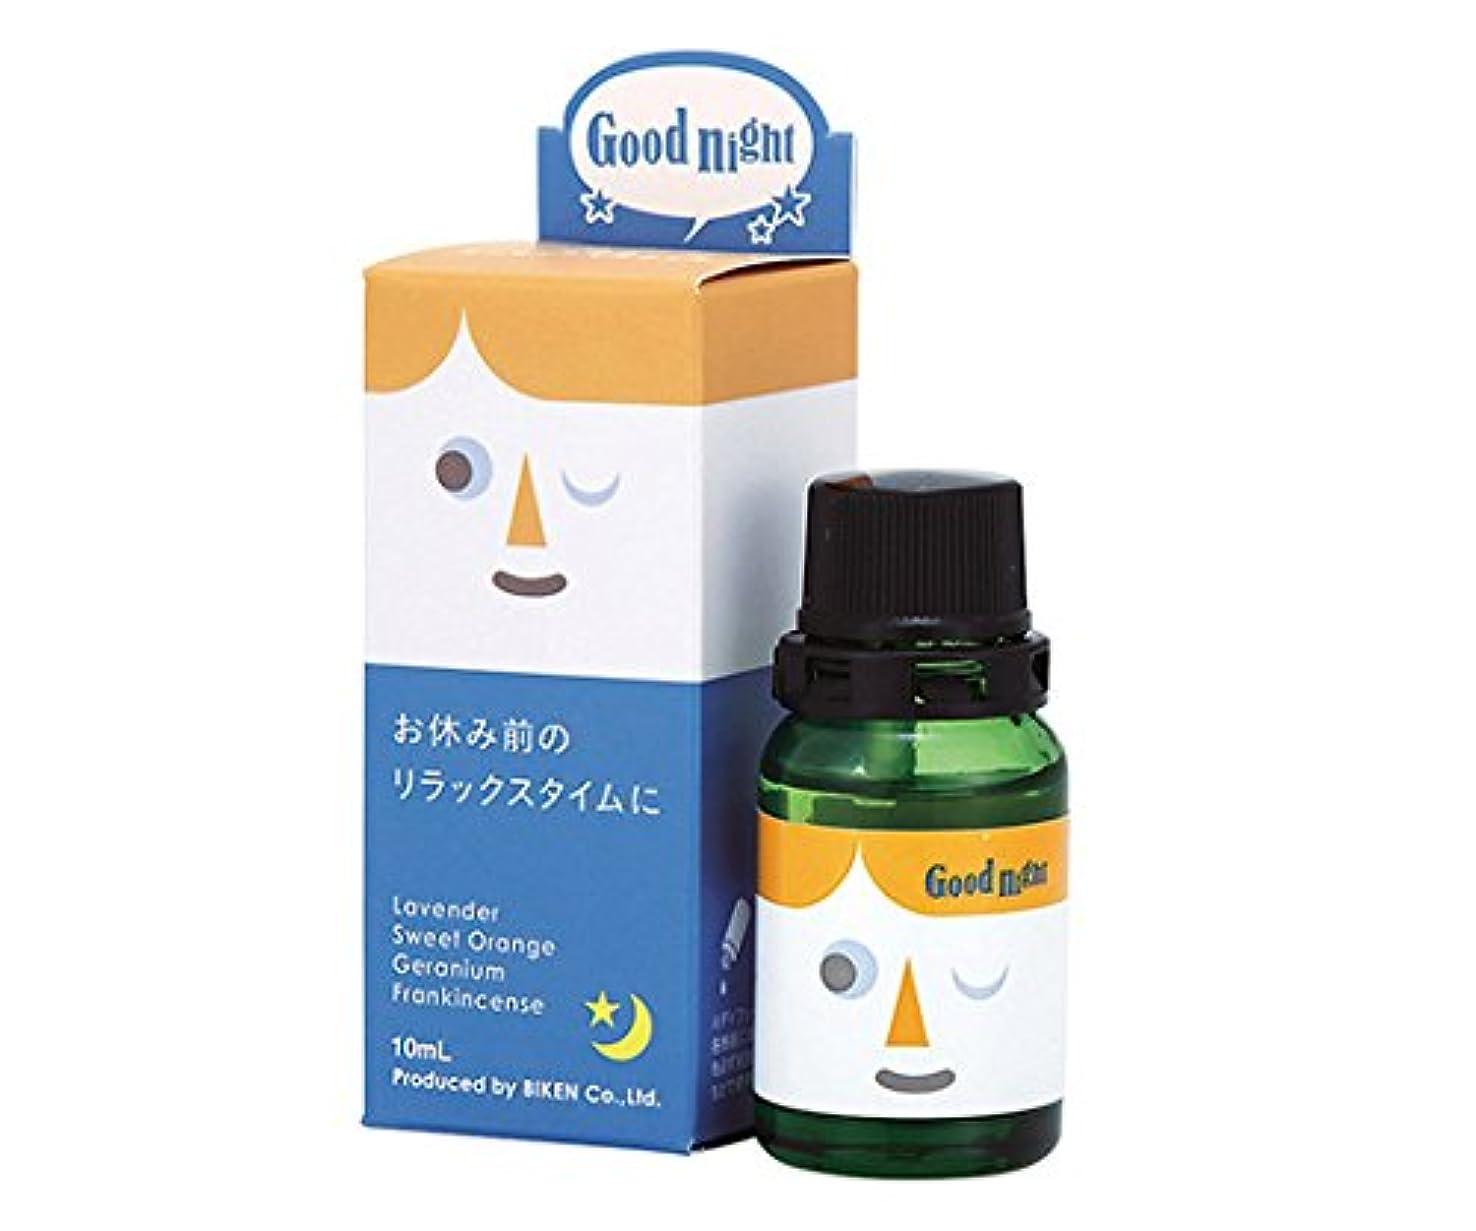 。打倒感染する美健8-3405-20水溶性エッセンシャルオイル(グッドナイト)